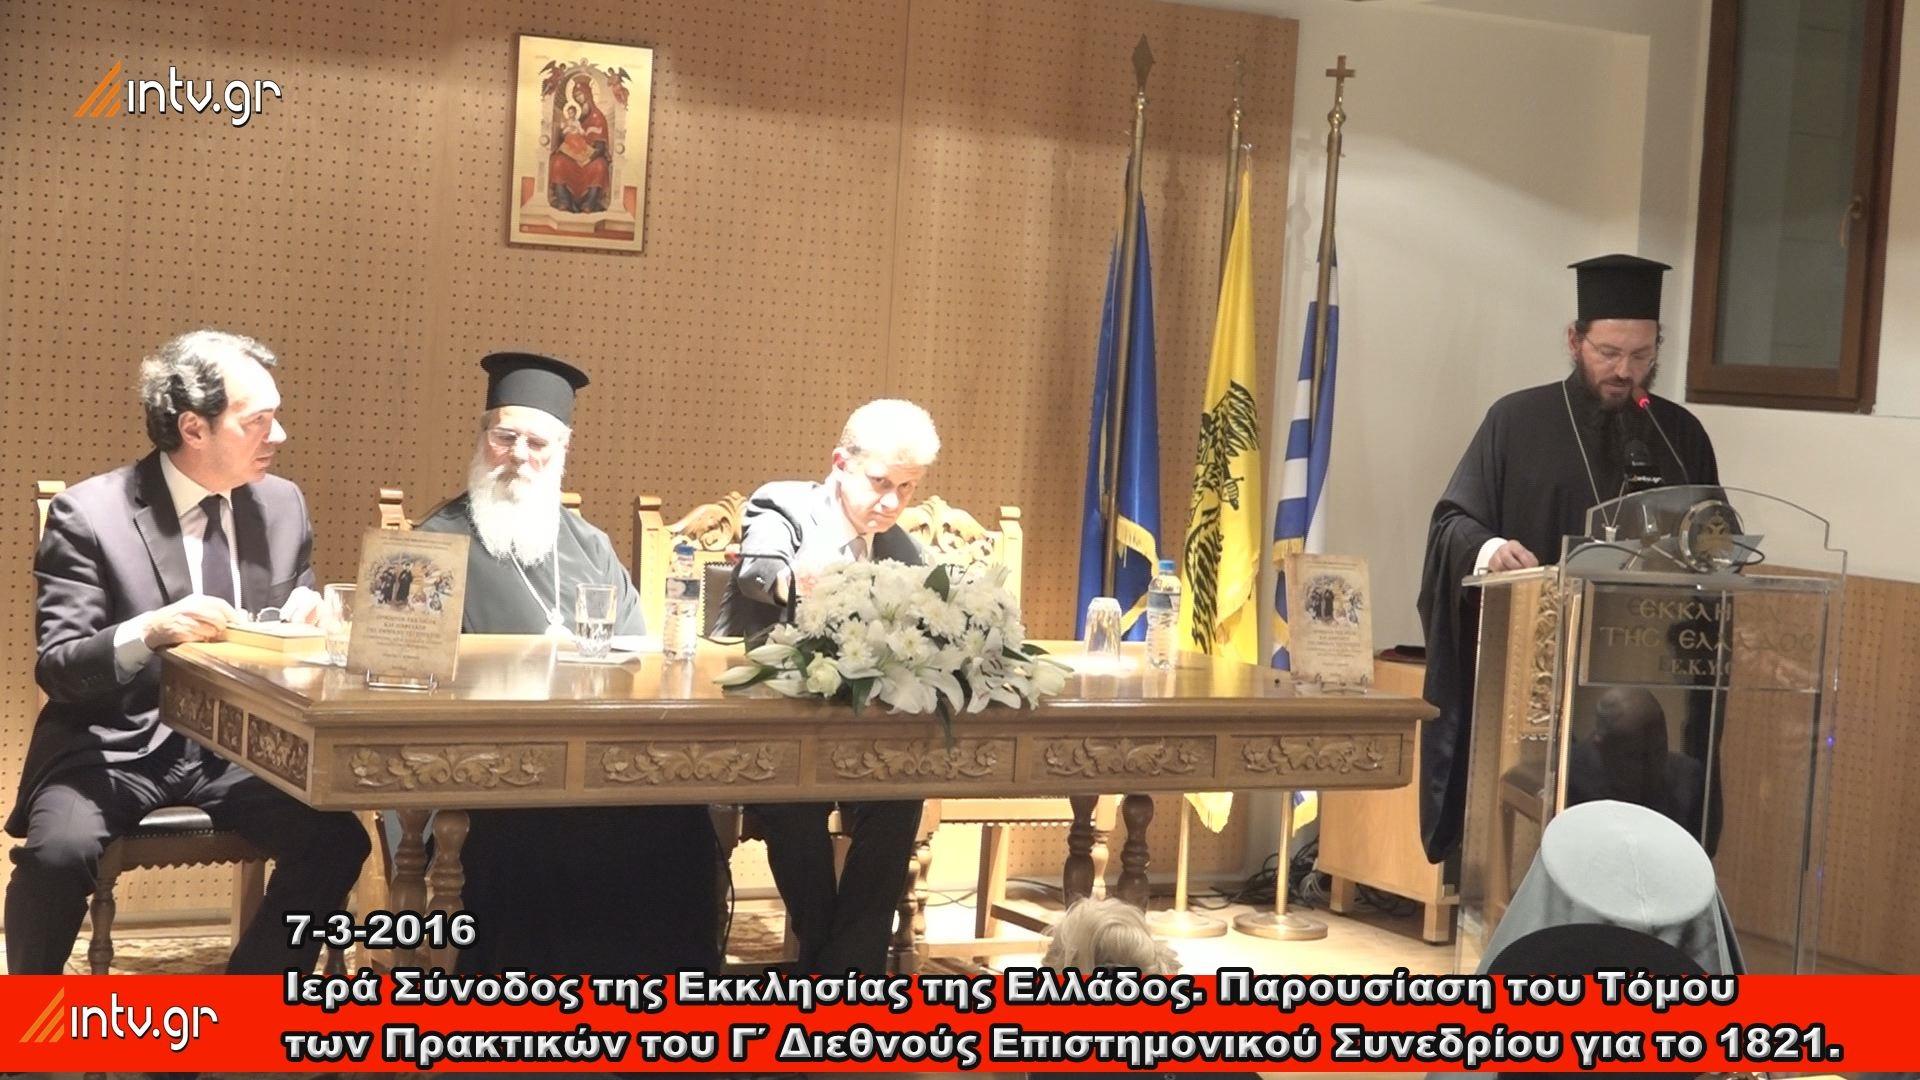 Ιερά Σύνοδος της Εκκλησίας της Ελλάδος.- Παρουσίαση του Τόμου των Πρακτικών του Γ΄ Διεθνούς Επιστημονικού Συνεδρίου για το 1821.